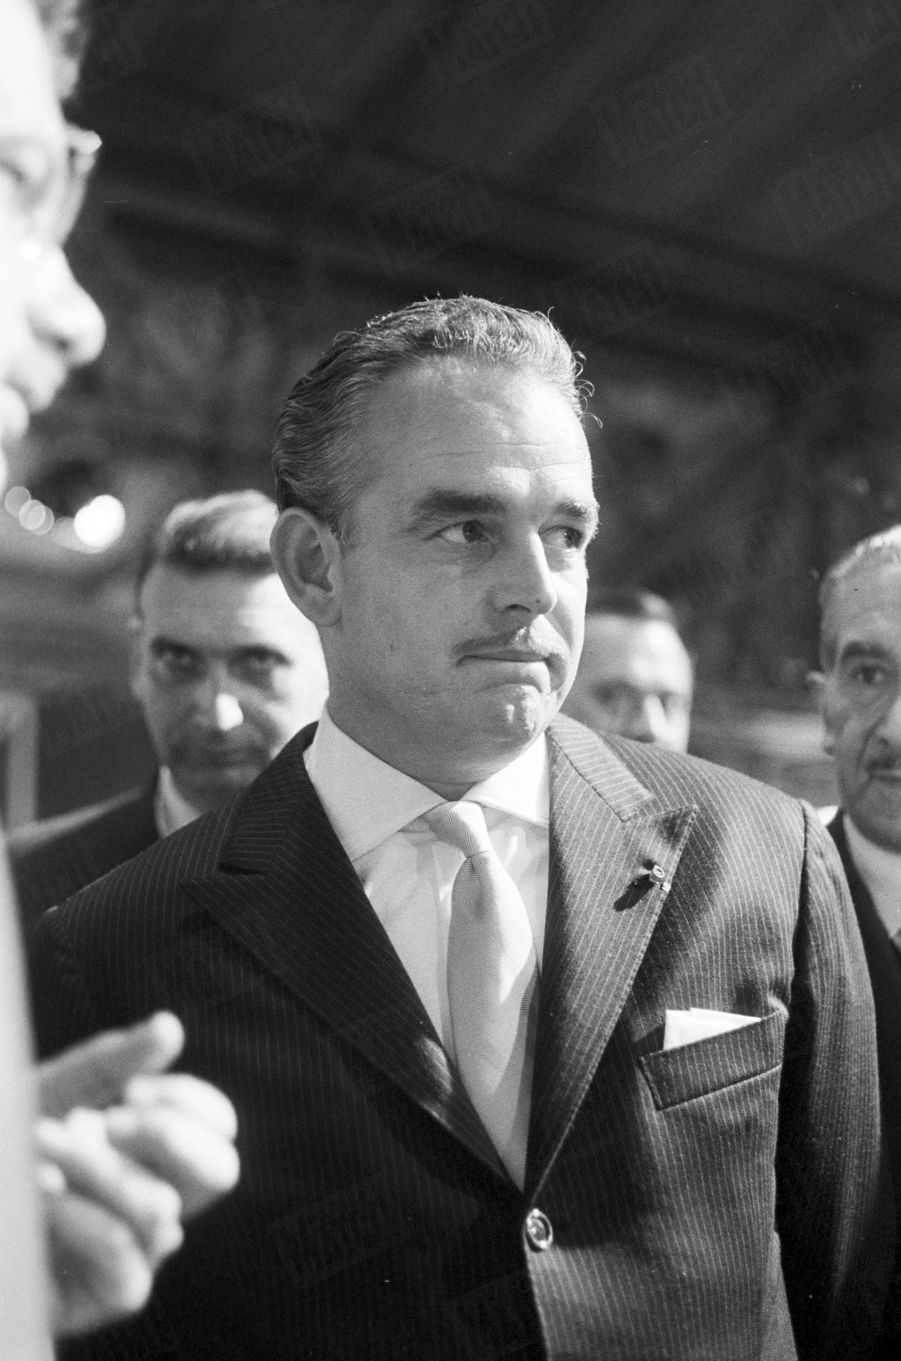 Le prince Rainier de Monaco en visite officielle à Paris, octobre 1959.